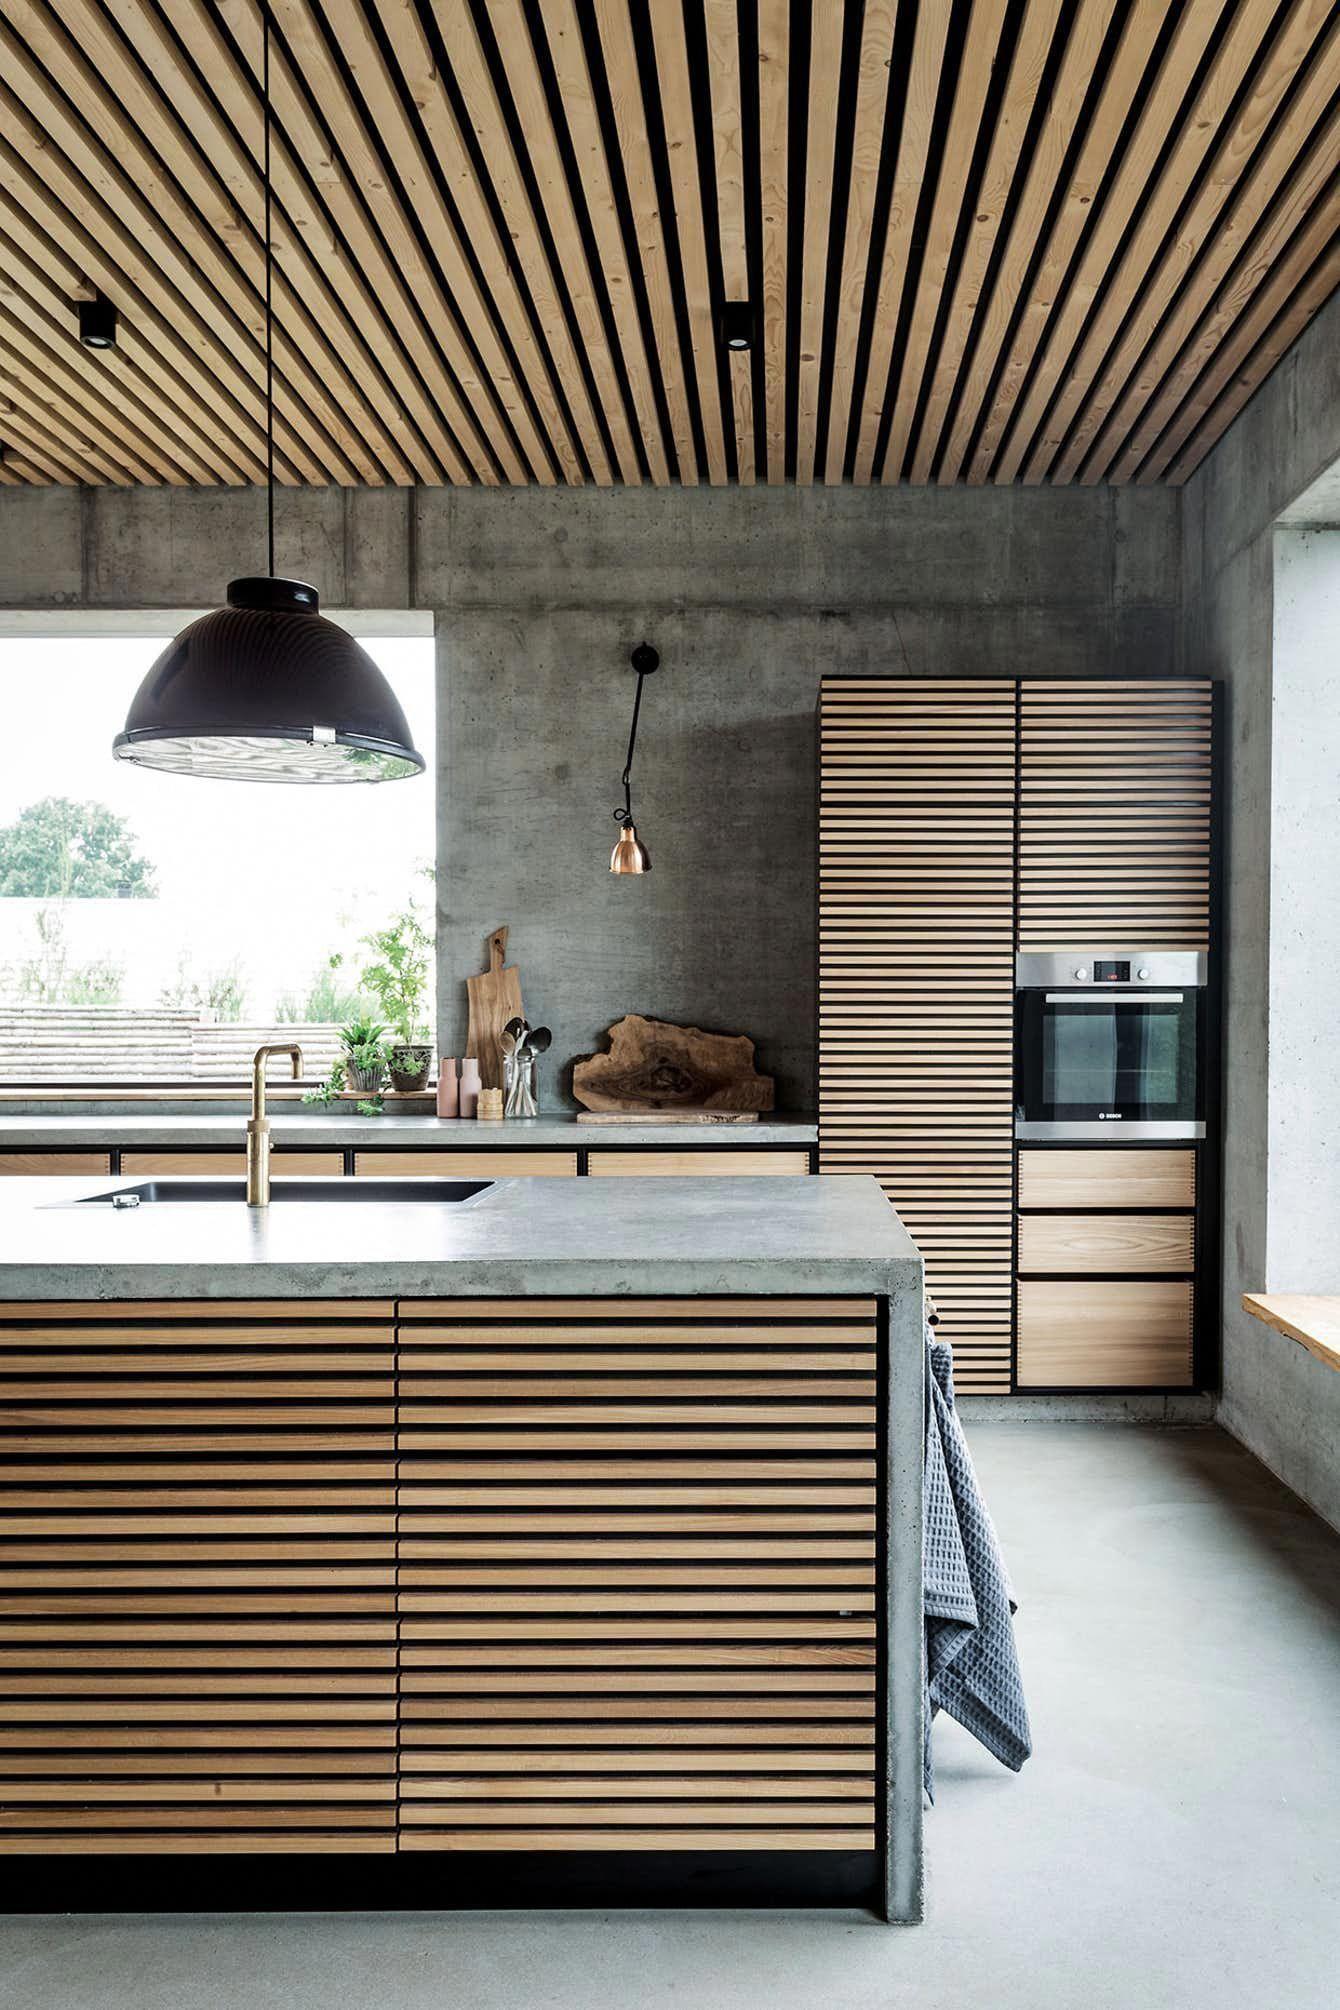 Kokkeno Beton Trae Skaerebraet Vandhane Kitcheninteriordesign